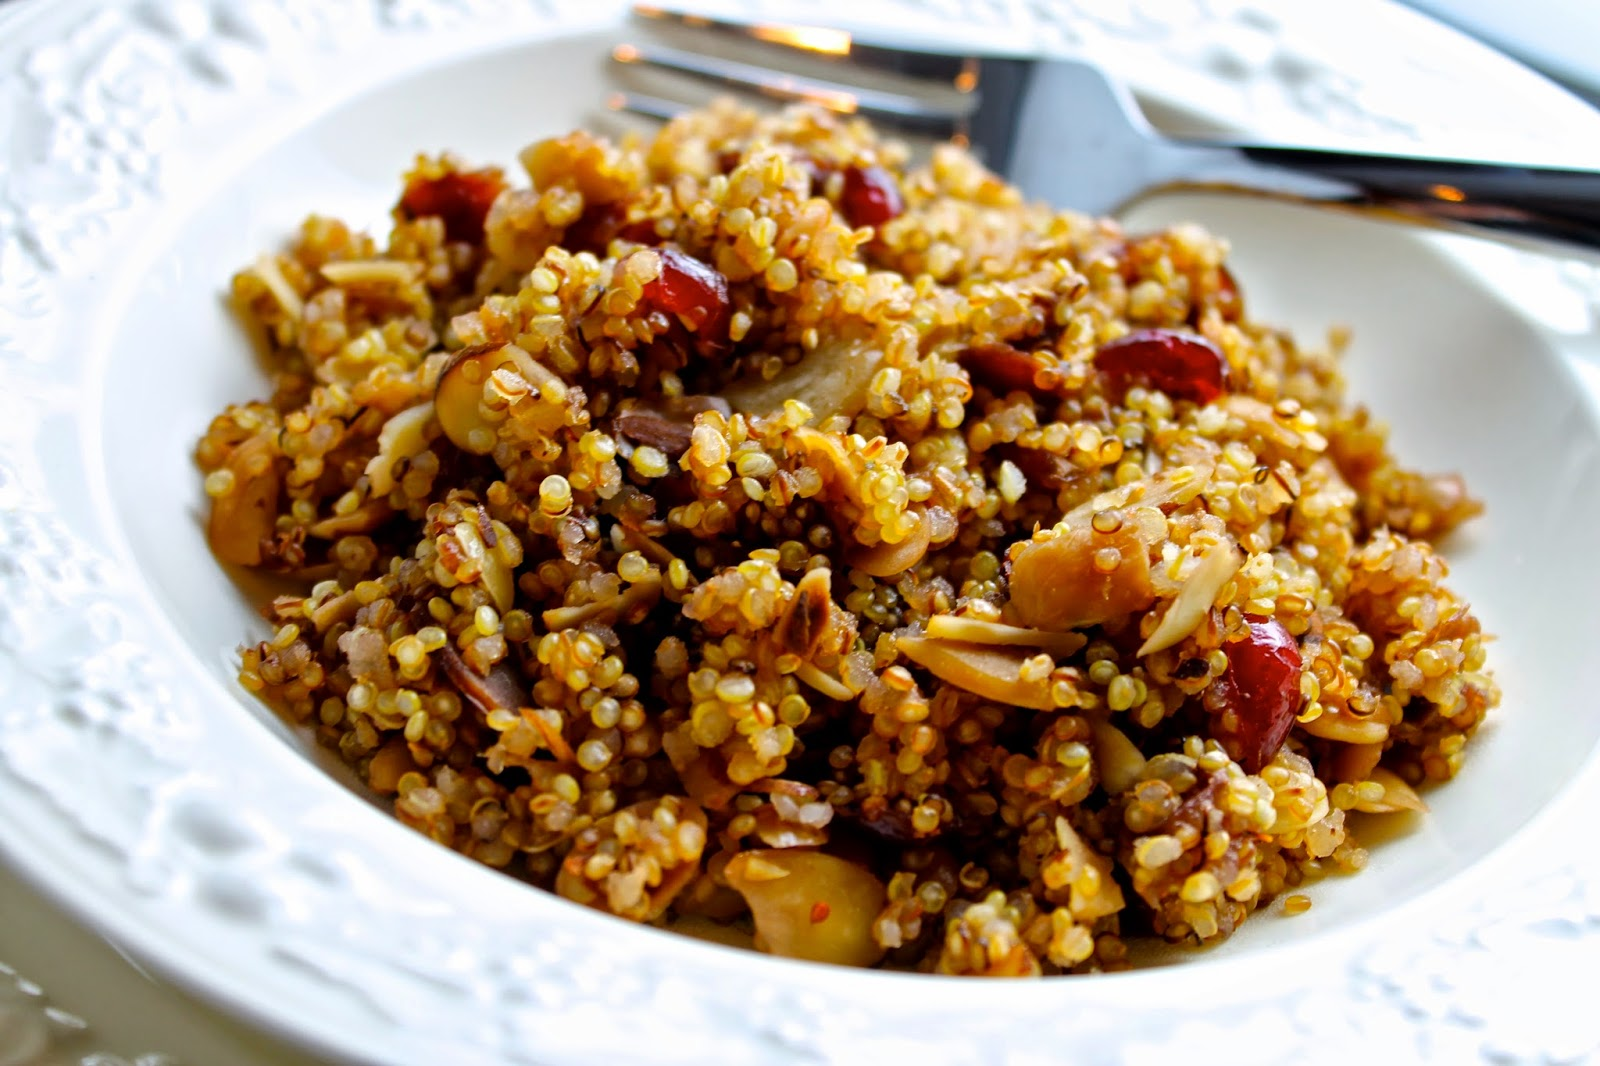 Savoir faire saludable receta de qu noa con almendras y for Cocinar 1 taza de quinoa